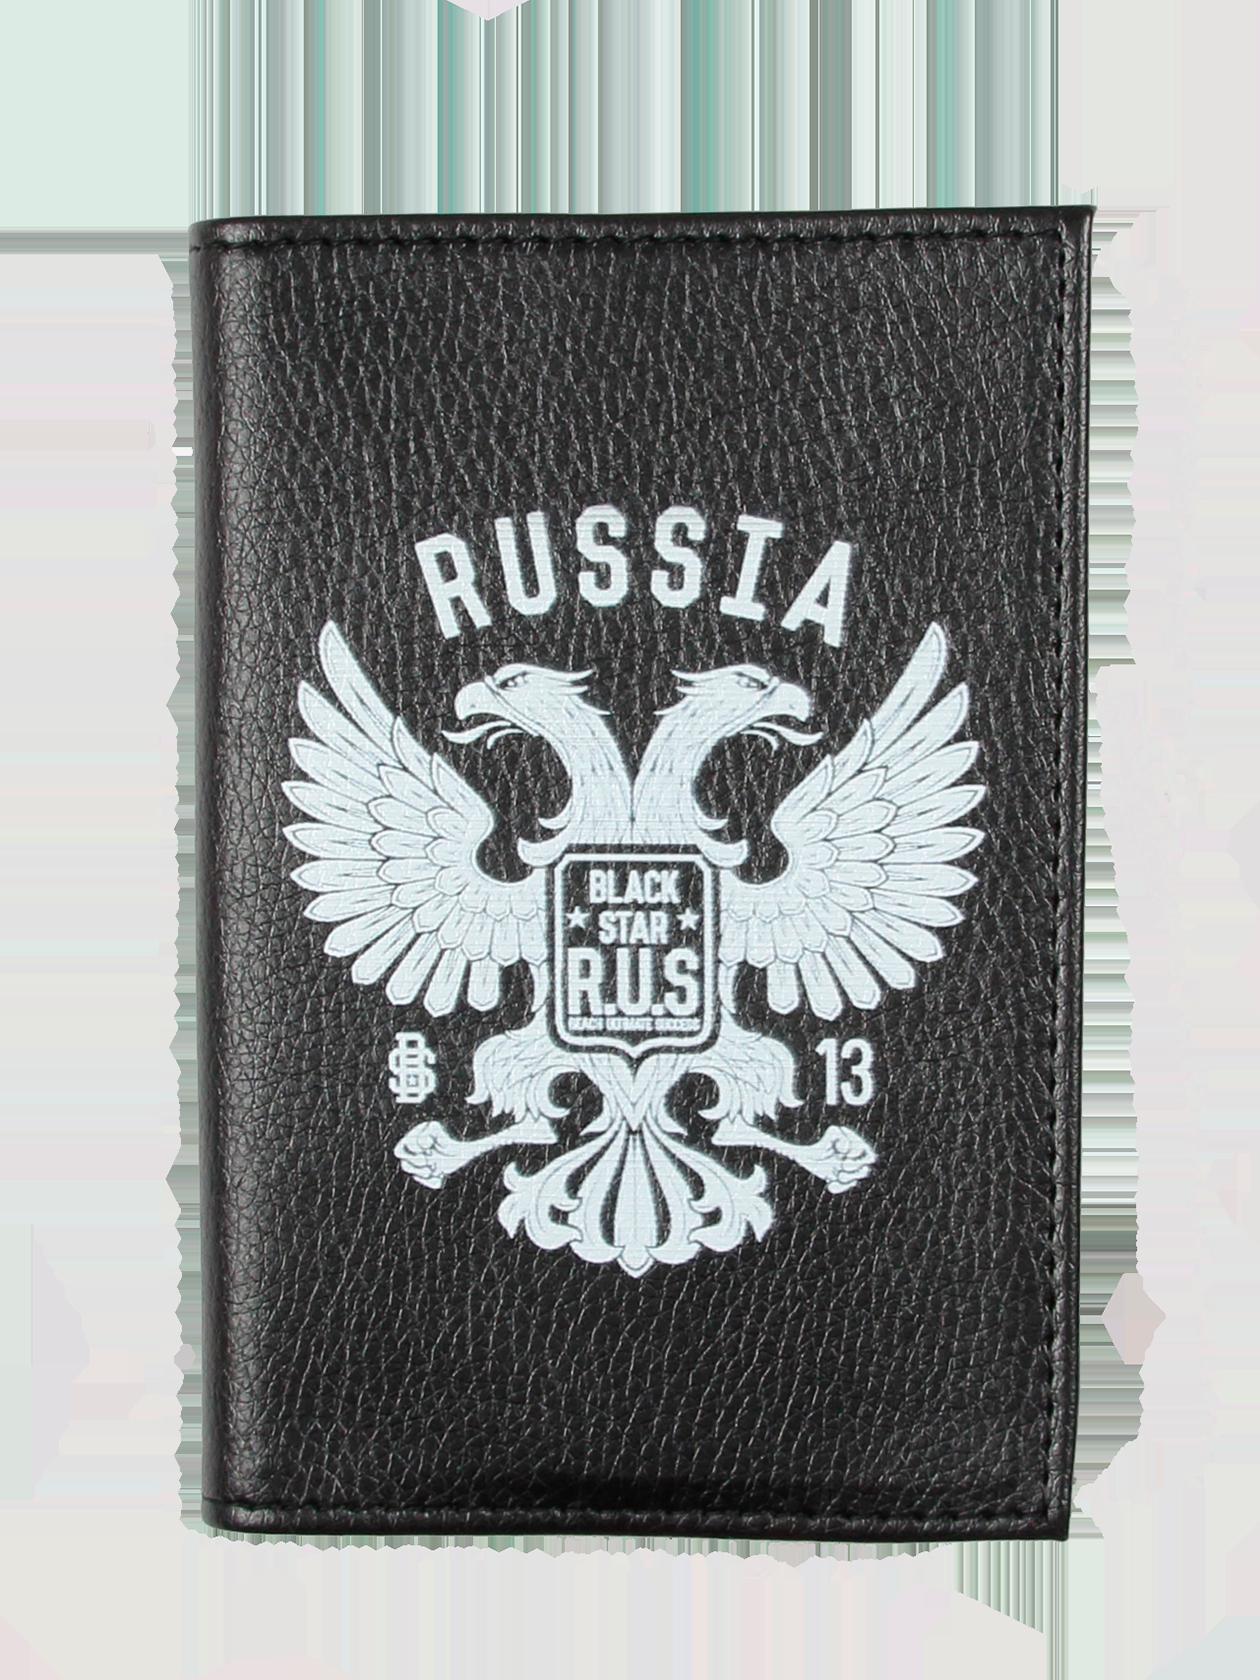 Обложка на паспорт R.U.S.Текстурная обложка под кожу  для паспорта от Black Star Wear. Белый двуглавый орёл на лицевой стороне. Надёжный аксессуар, который защитит ваши документы от внешнего воздействия.Black leather passport cover by Black Star Wear. Golden two-headed eagle on the front side. This accessory will keep your documents safe.<br><br>Размер: Единый размер<br>Цвет: Черный<br>Пол: Унисекс